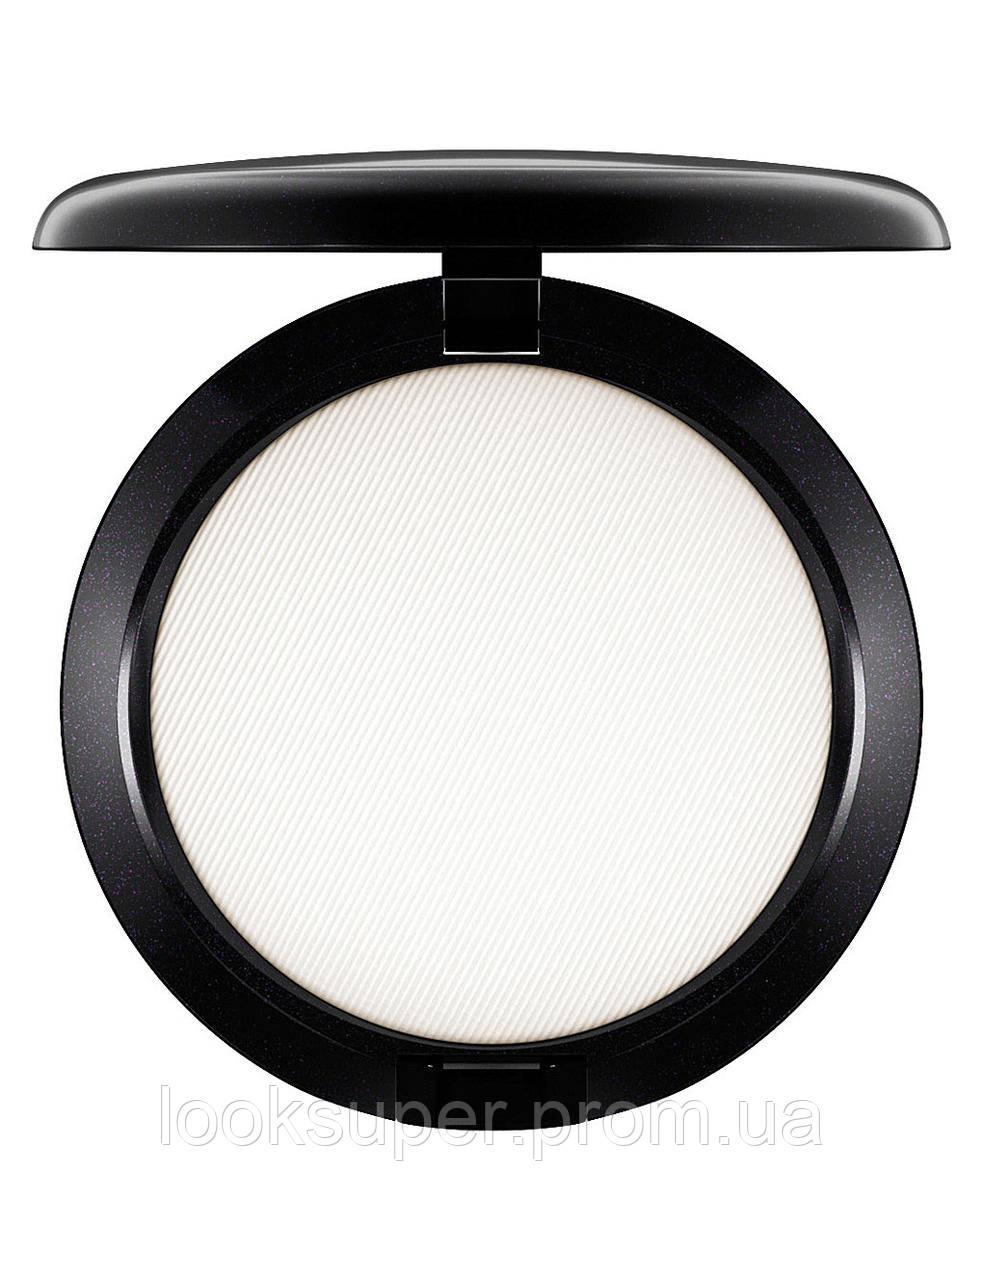 Прозрачная компактная пудра  MAC Prep + Prime Transparent Finishing Powder⁄Pressed